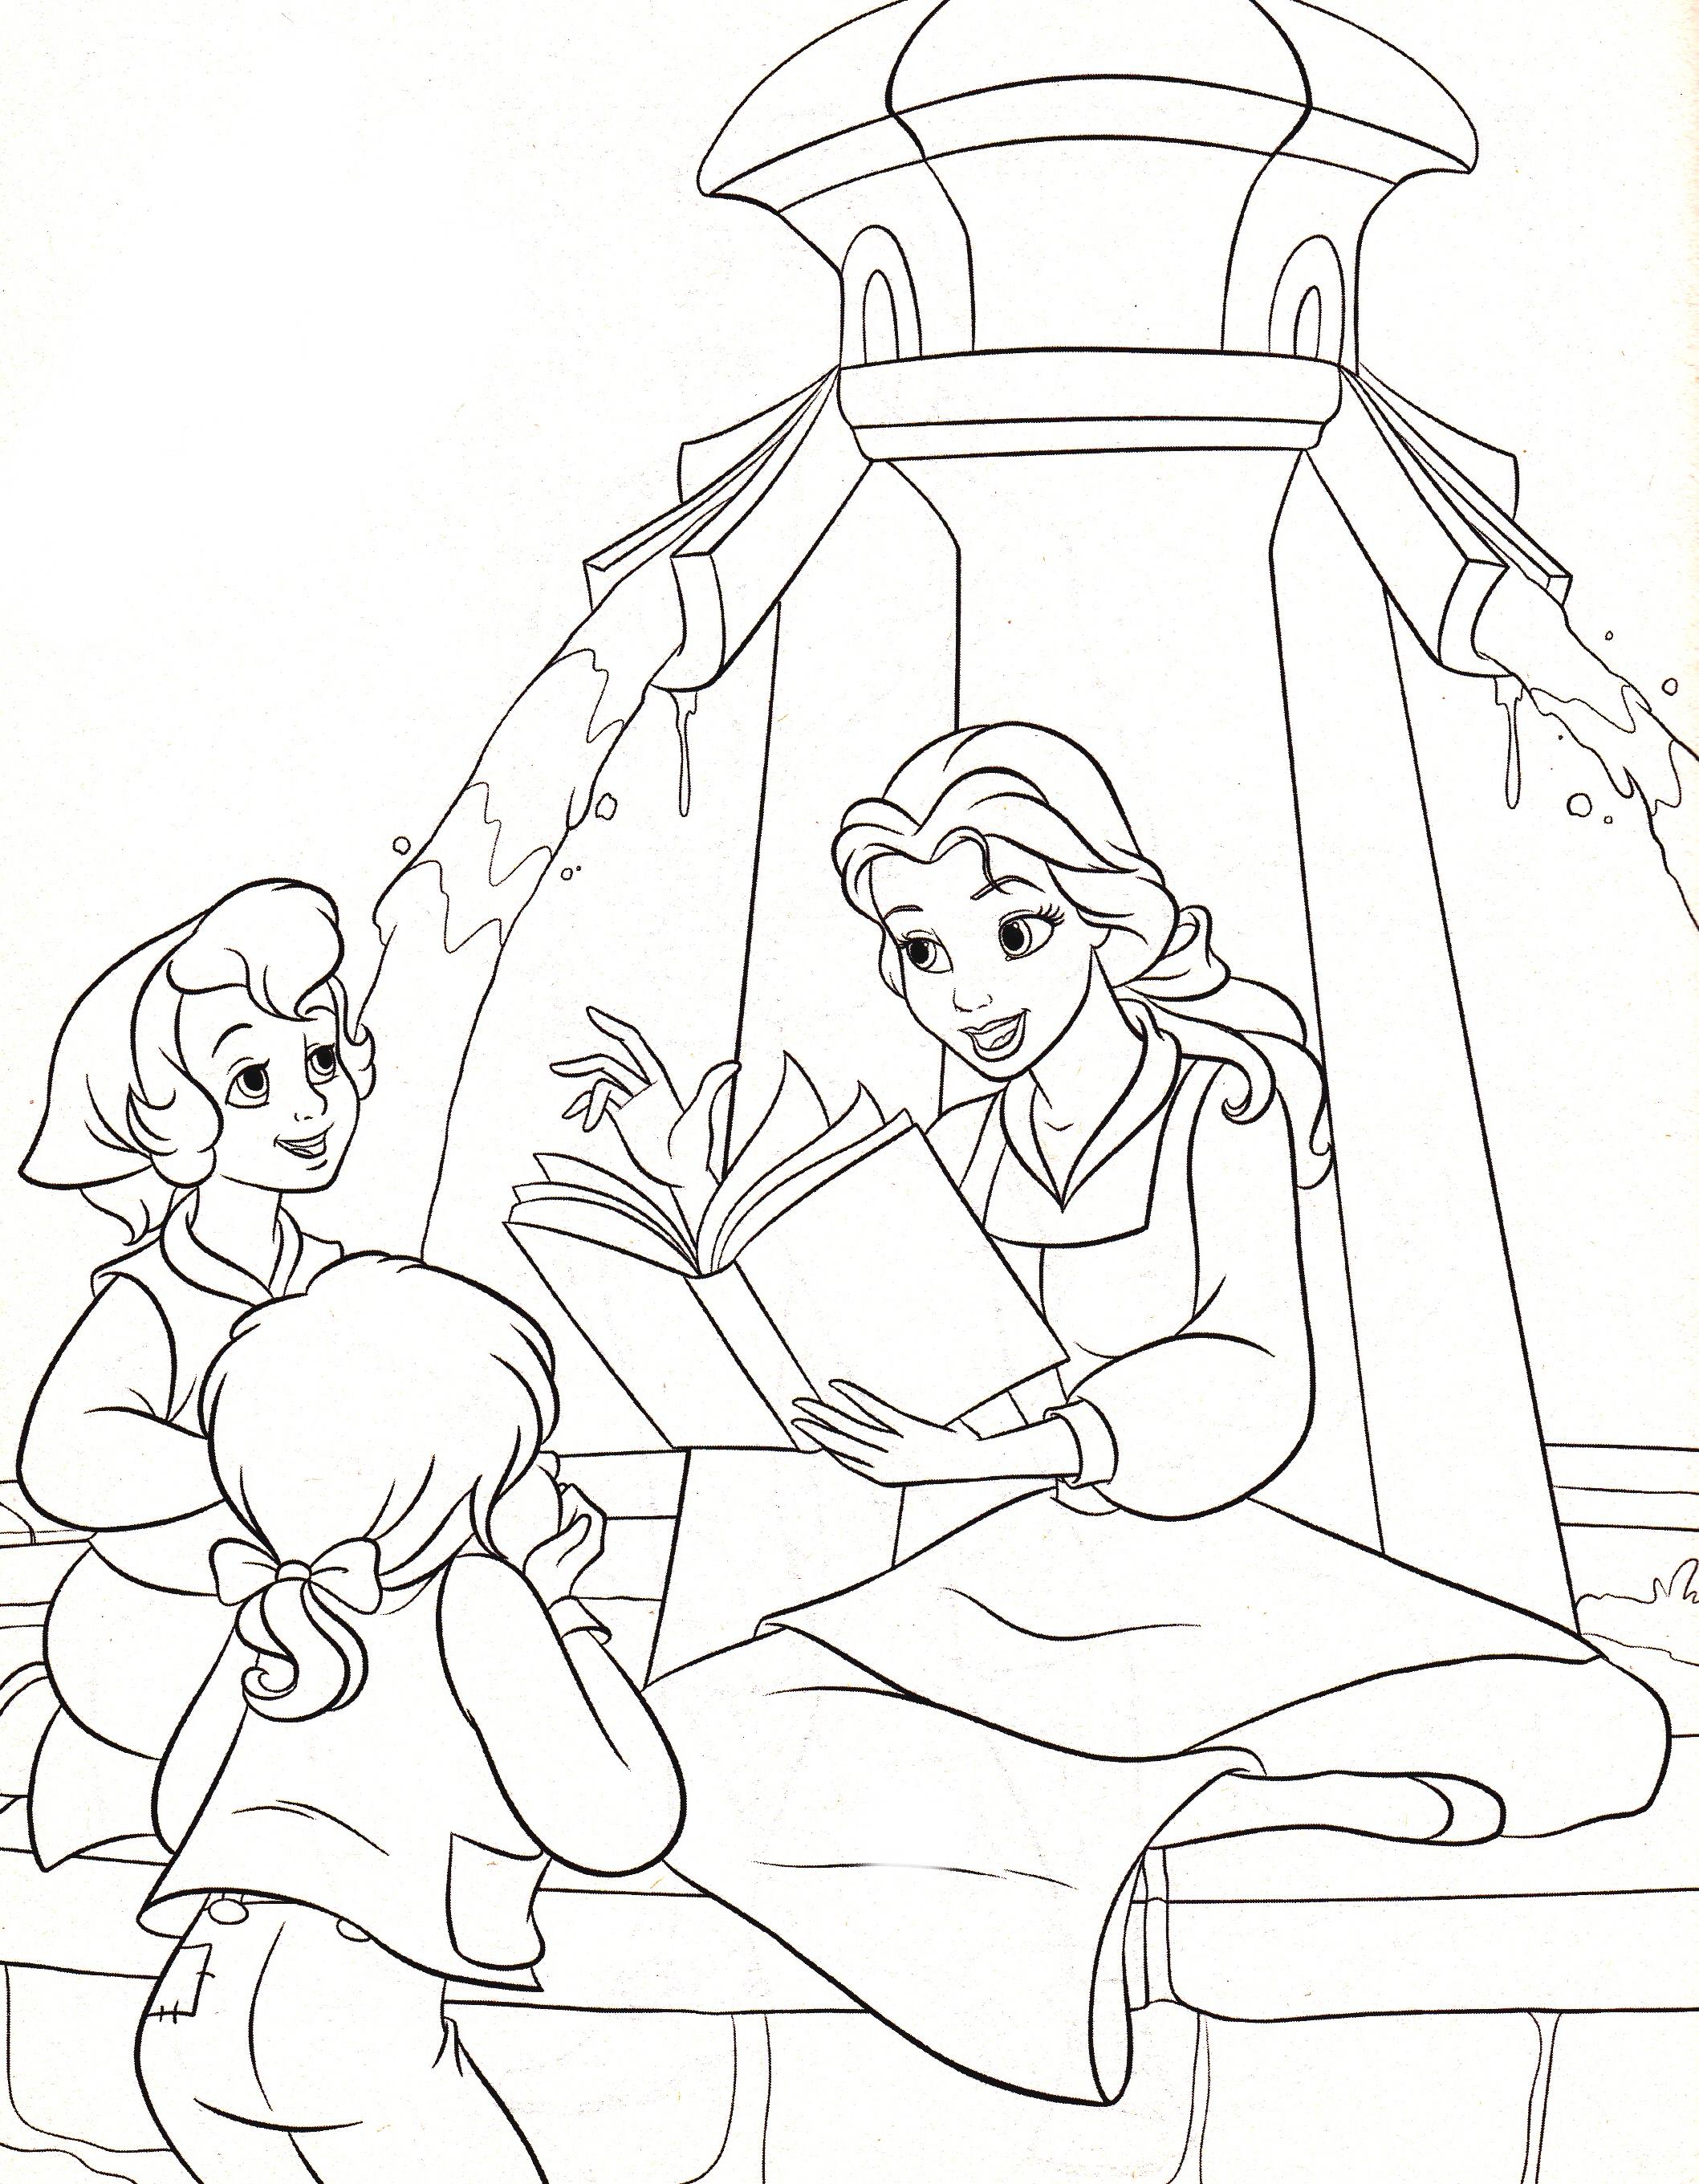 Walt Disney Coloring Pages – Princess Belle